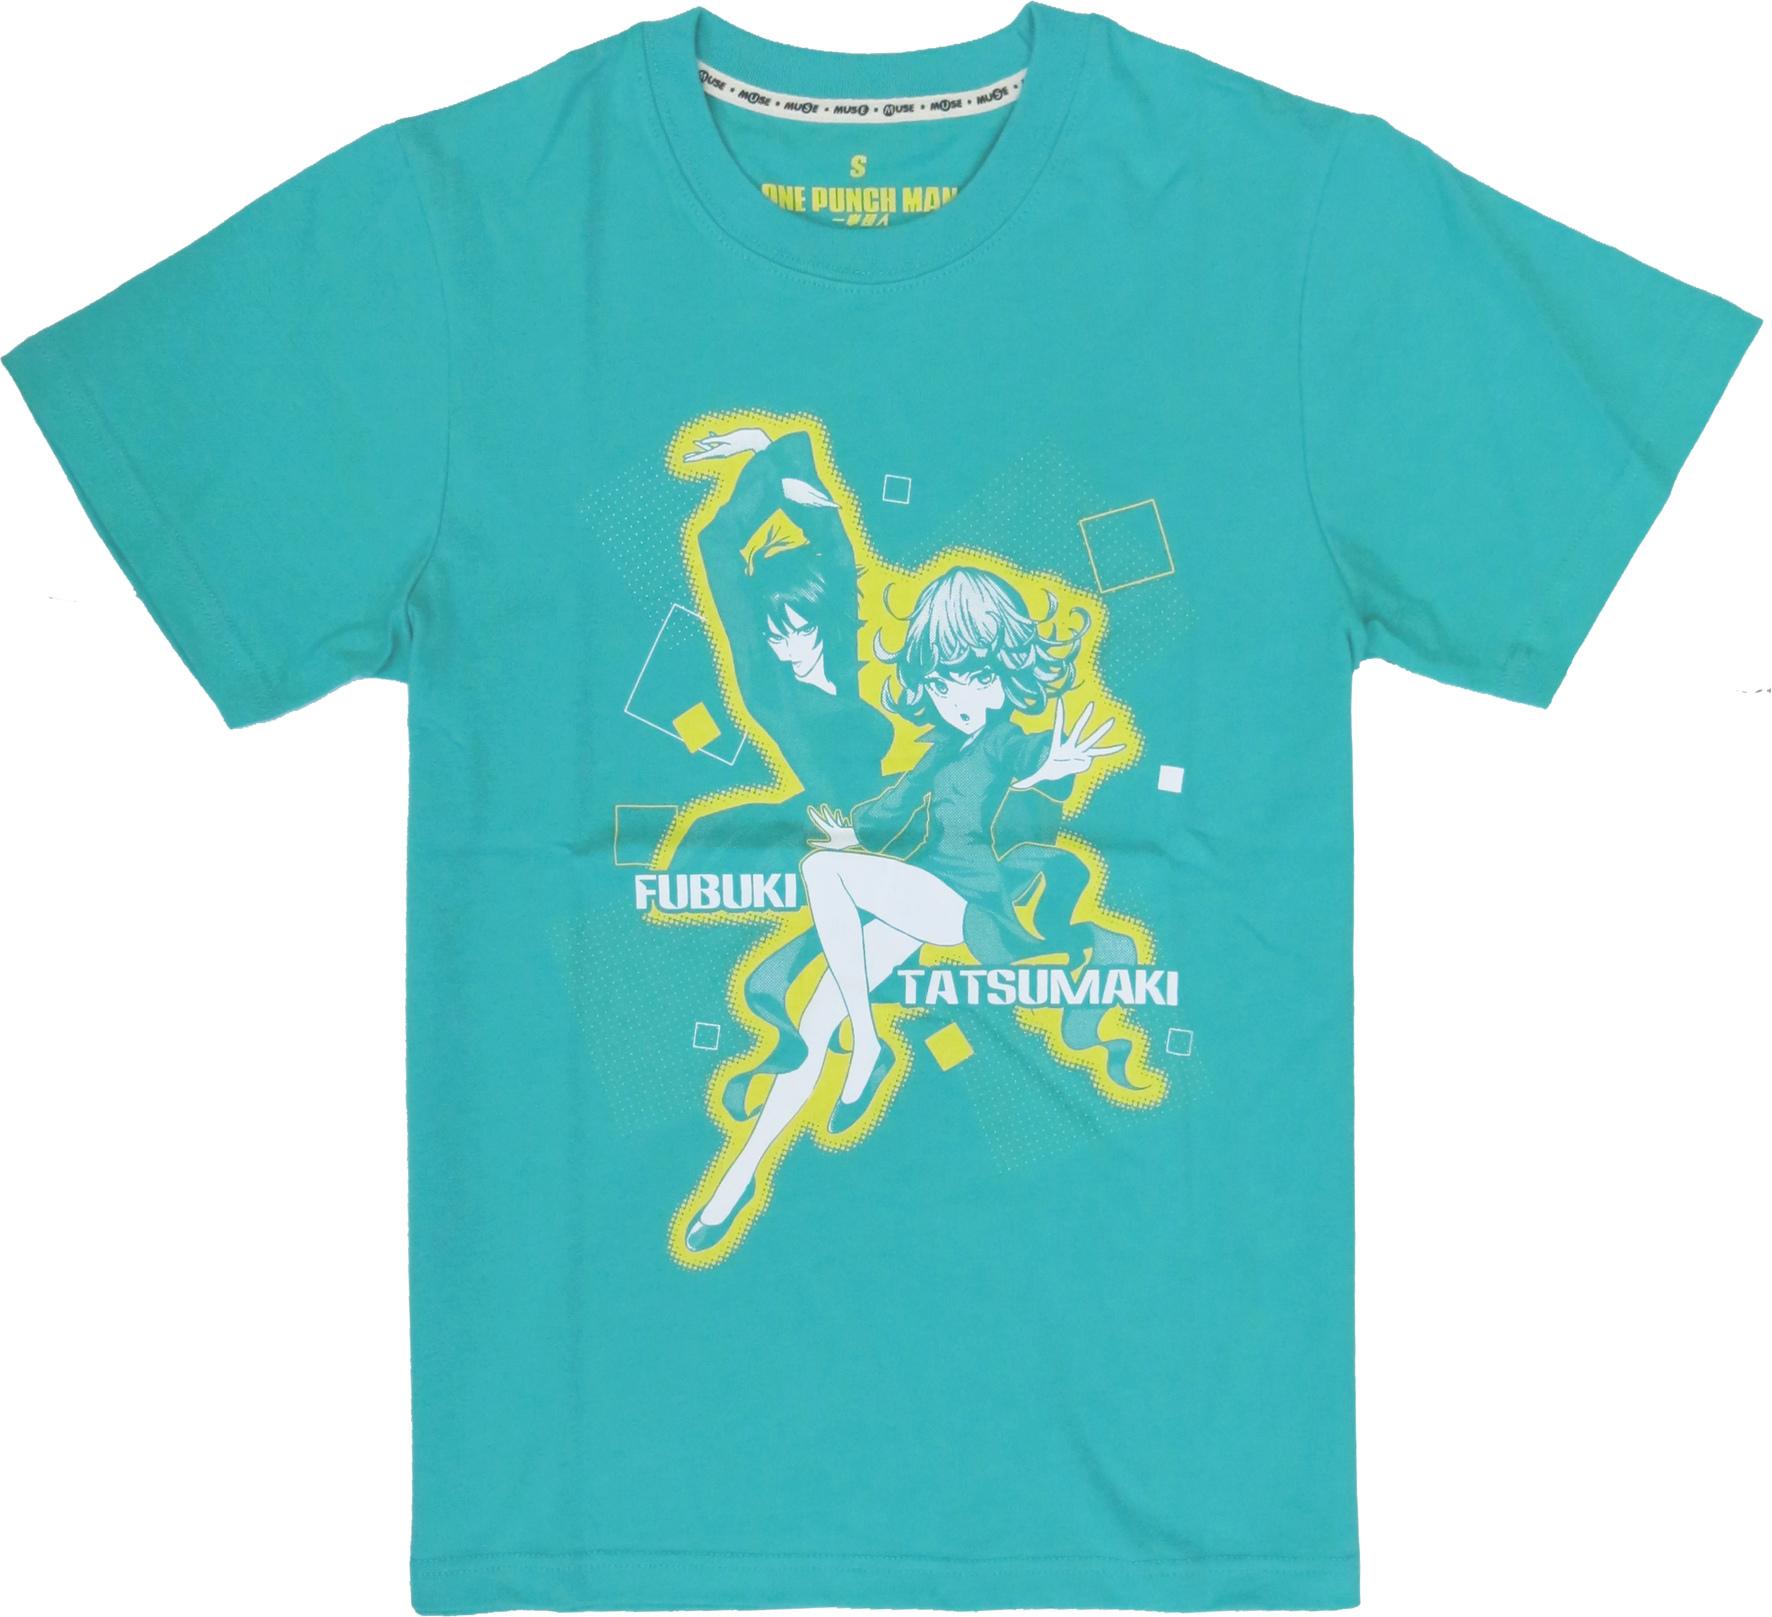 歡慶漫博20周年《城市獵人》劇場版T恤限量開賣 入攤6重滿額禮 最高贈耳罩藍芽耳機 獵人《Hunter x Hunter》純銀水晶墜鍊耳夾 服務台限量搶購 Aoaoaa11